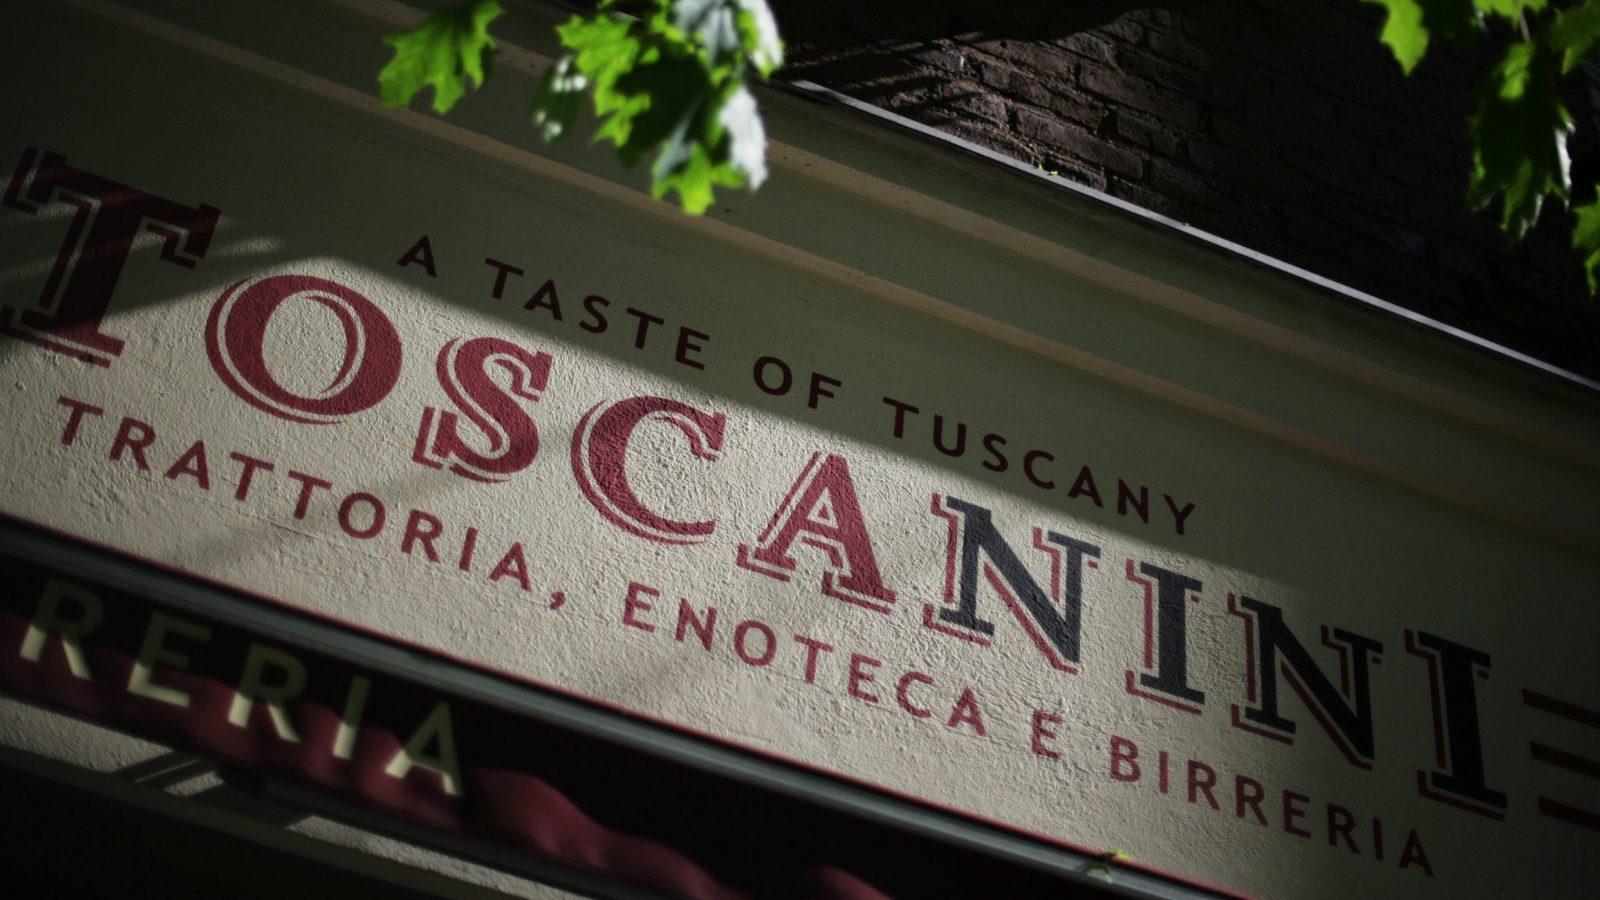 Ravintola Toscanini